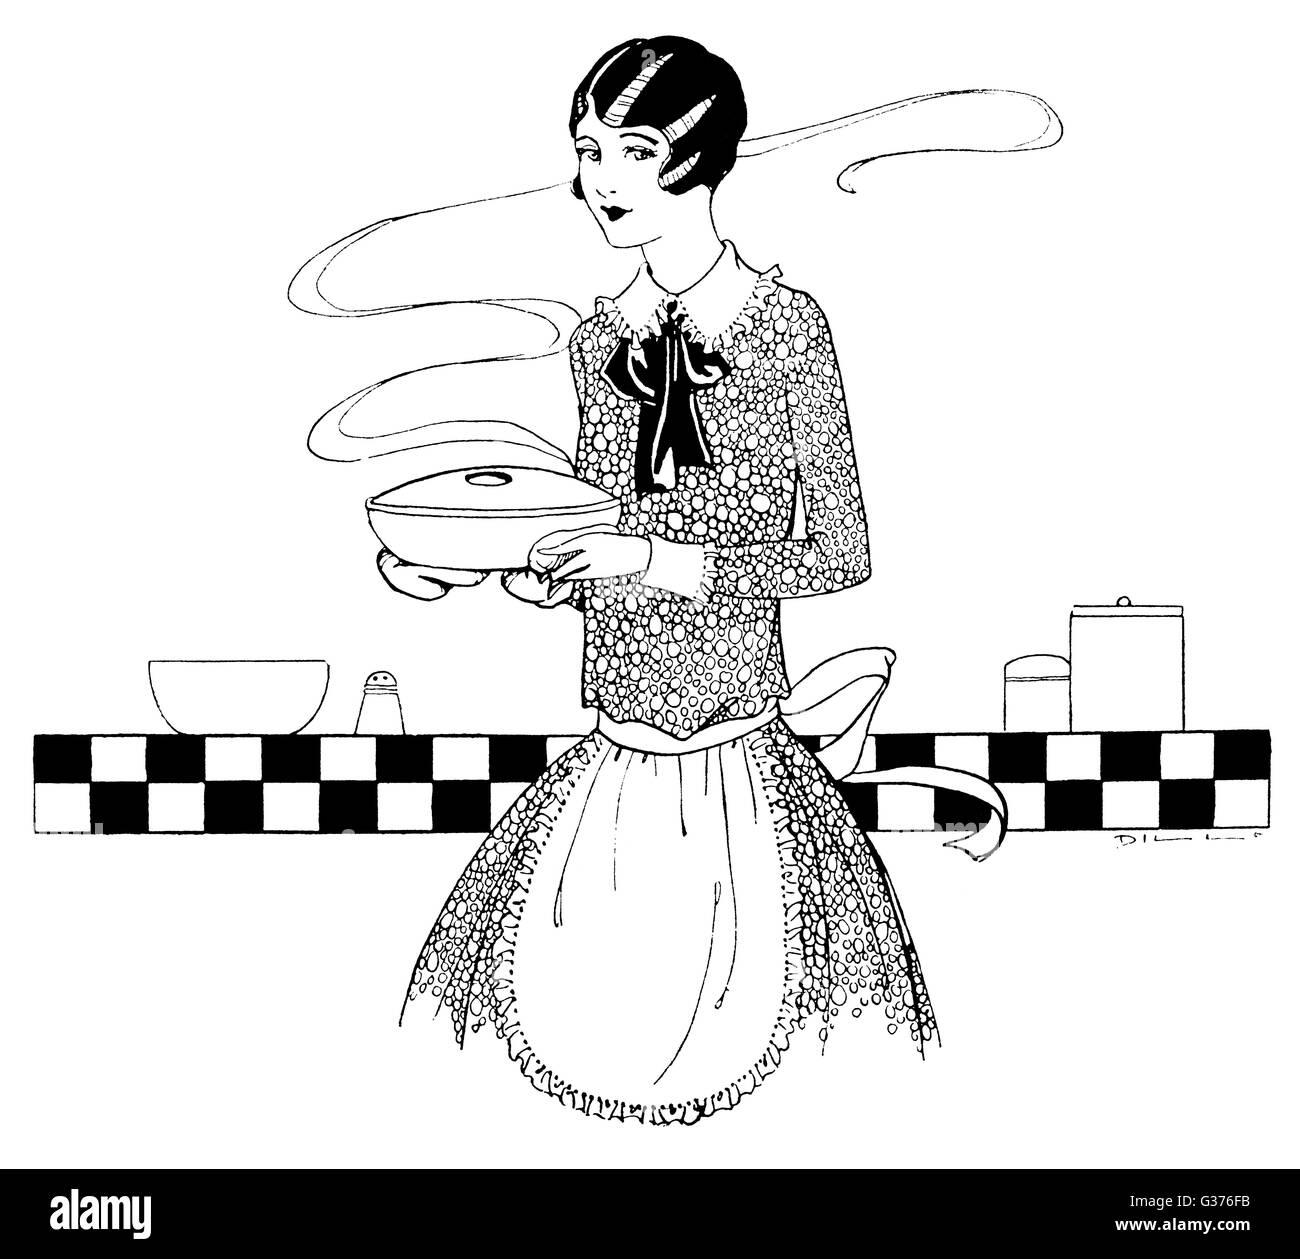 Ella porta la casseruola ha appena preparato e spera che la gente piace... Data: 1927 Immagini Stock